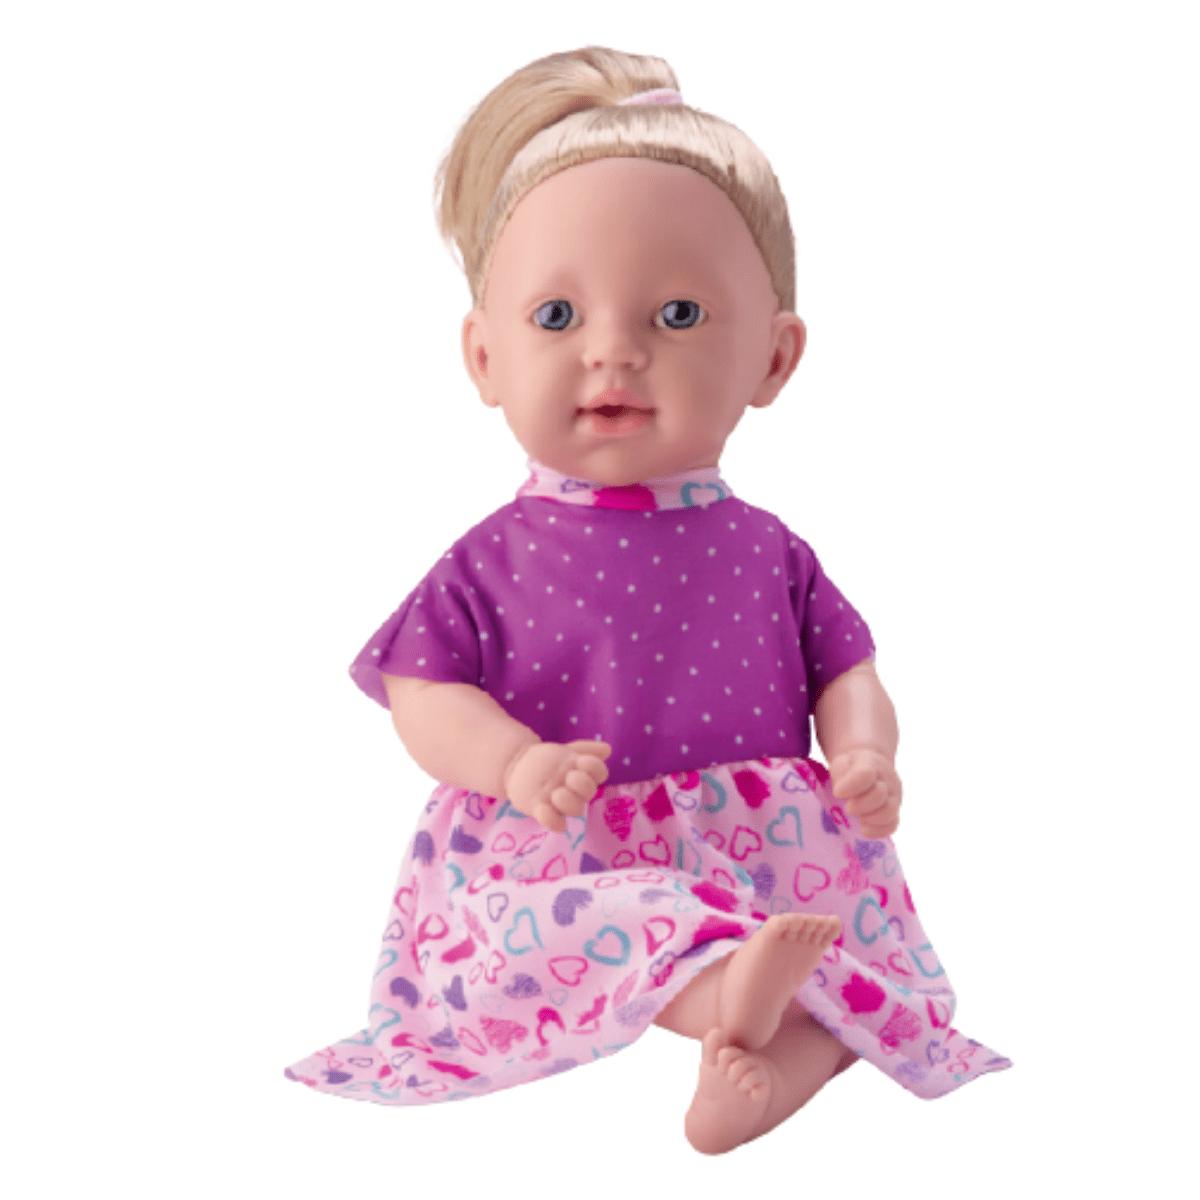 Boneca Olivia Fala Frases Com Roupinha Decorada - Bambola